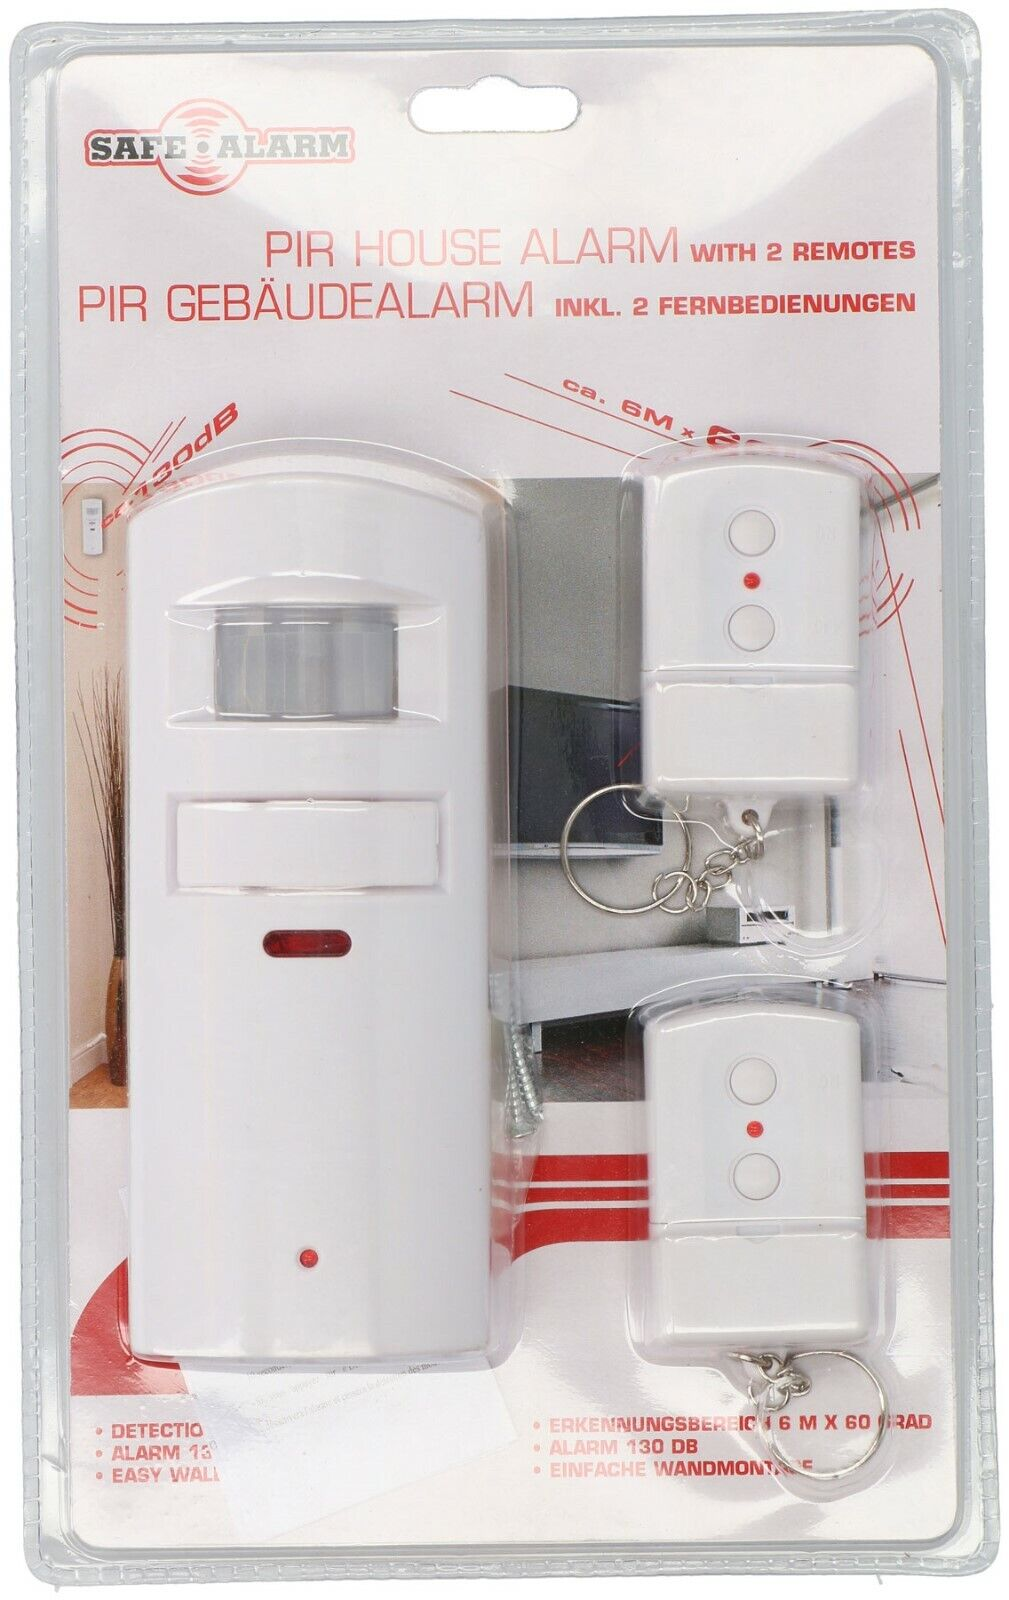 SECURITY DECKENALARM mit PIR Bewegungserkennung und IR Fernbedienung